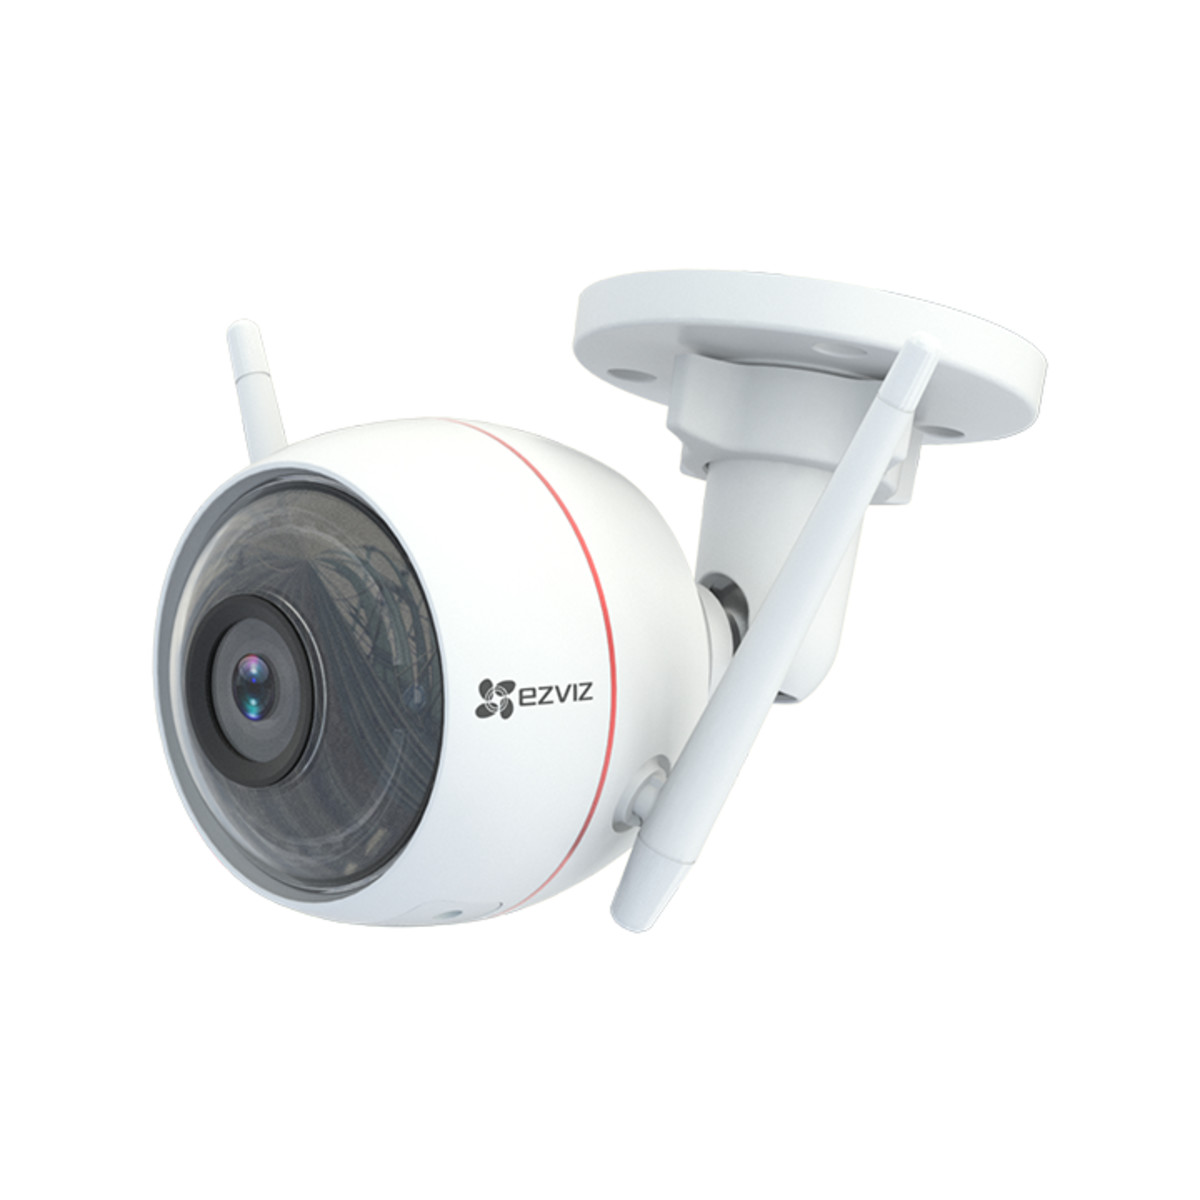 Компект для видеонаблюдения Ezviz C3W 720P (2.8 мм) 1Мп